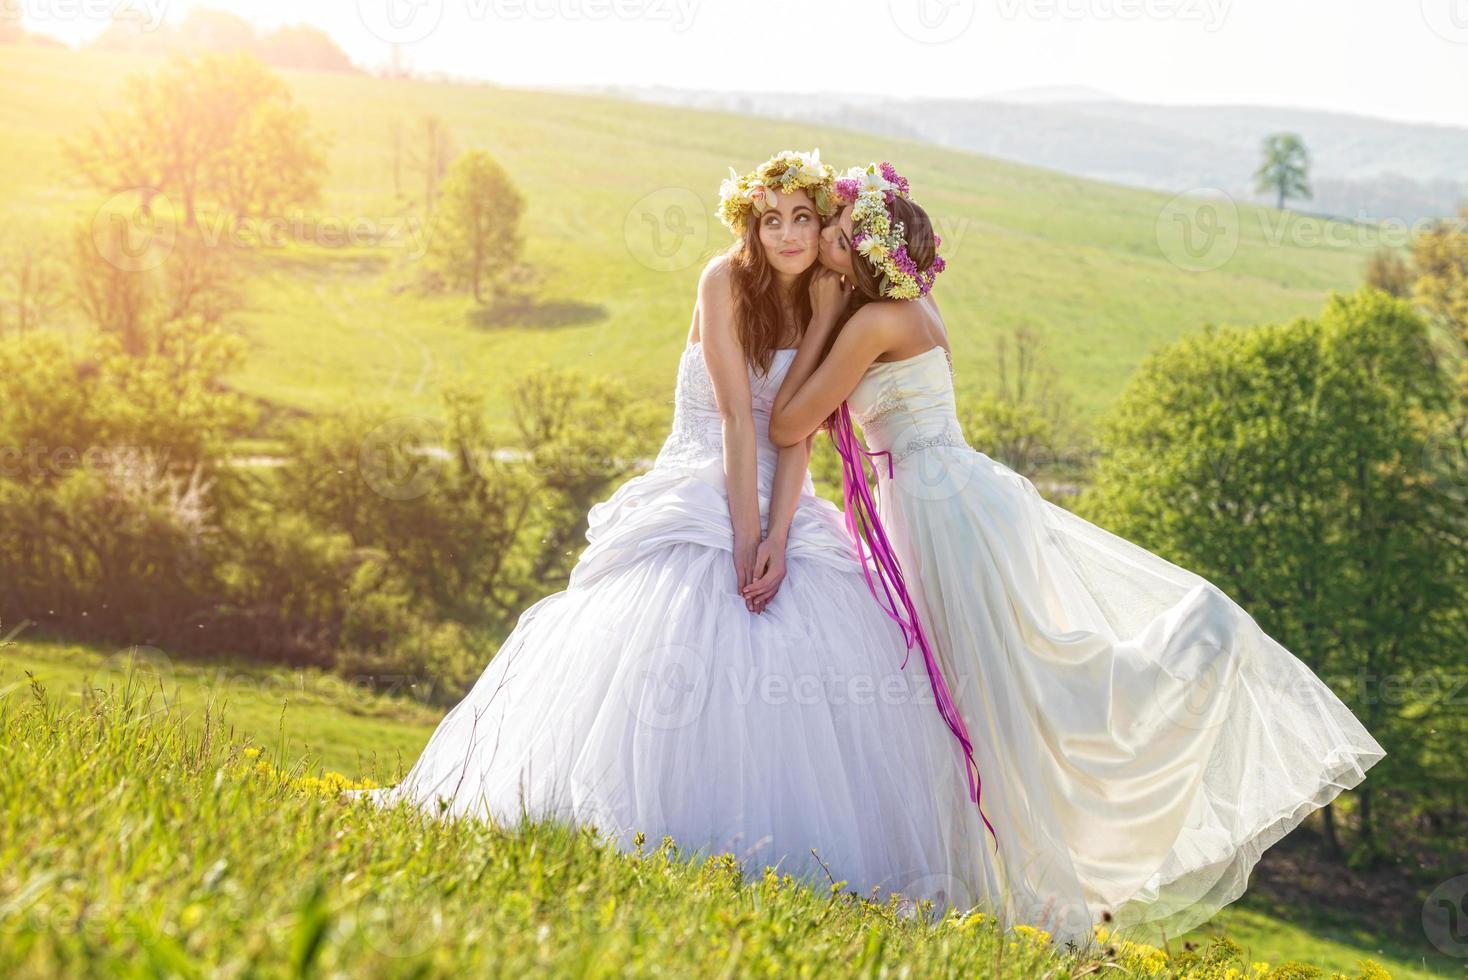 2 novia hermosa en la mañana, prado idílico, símbolo de amistad foto